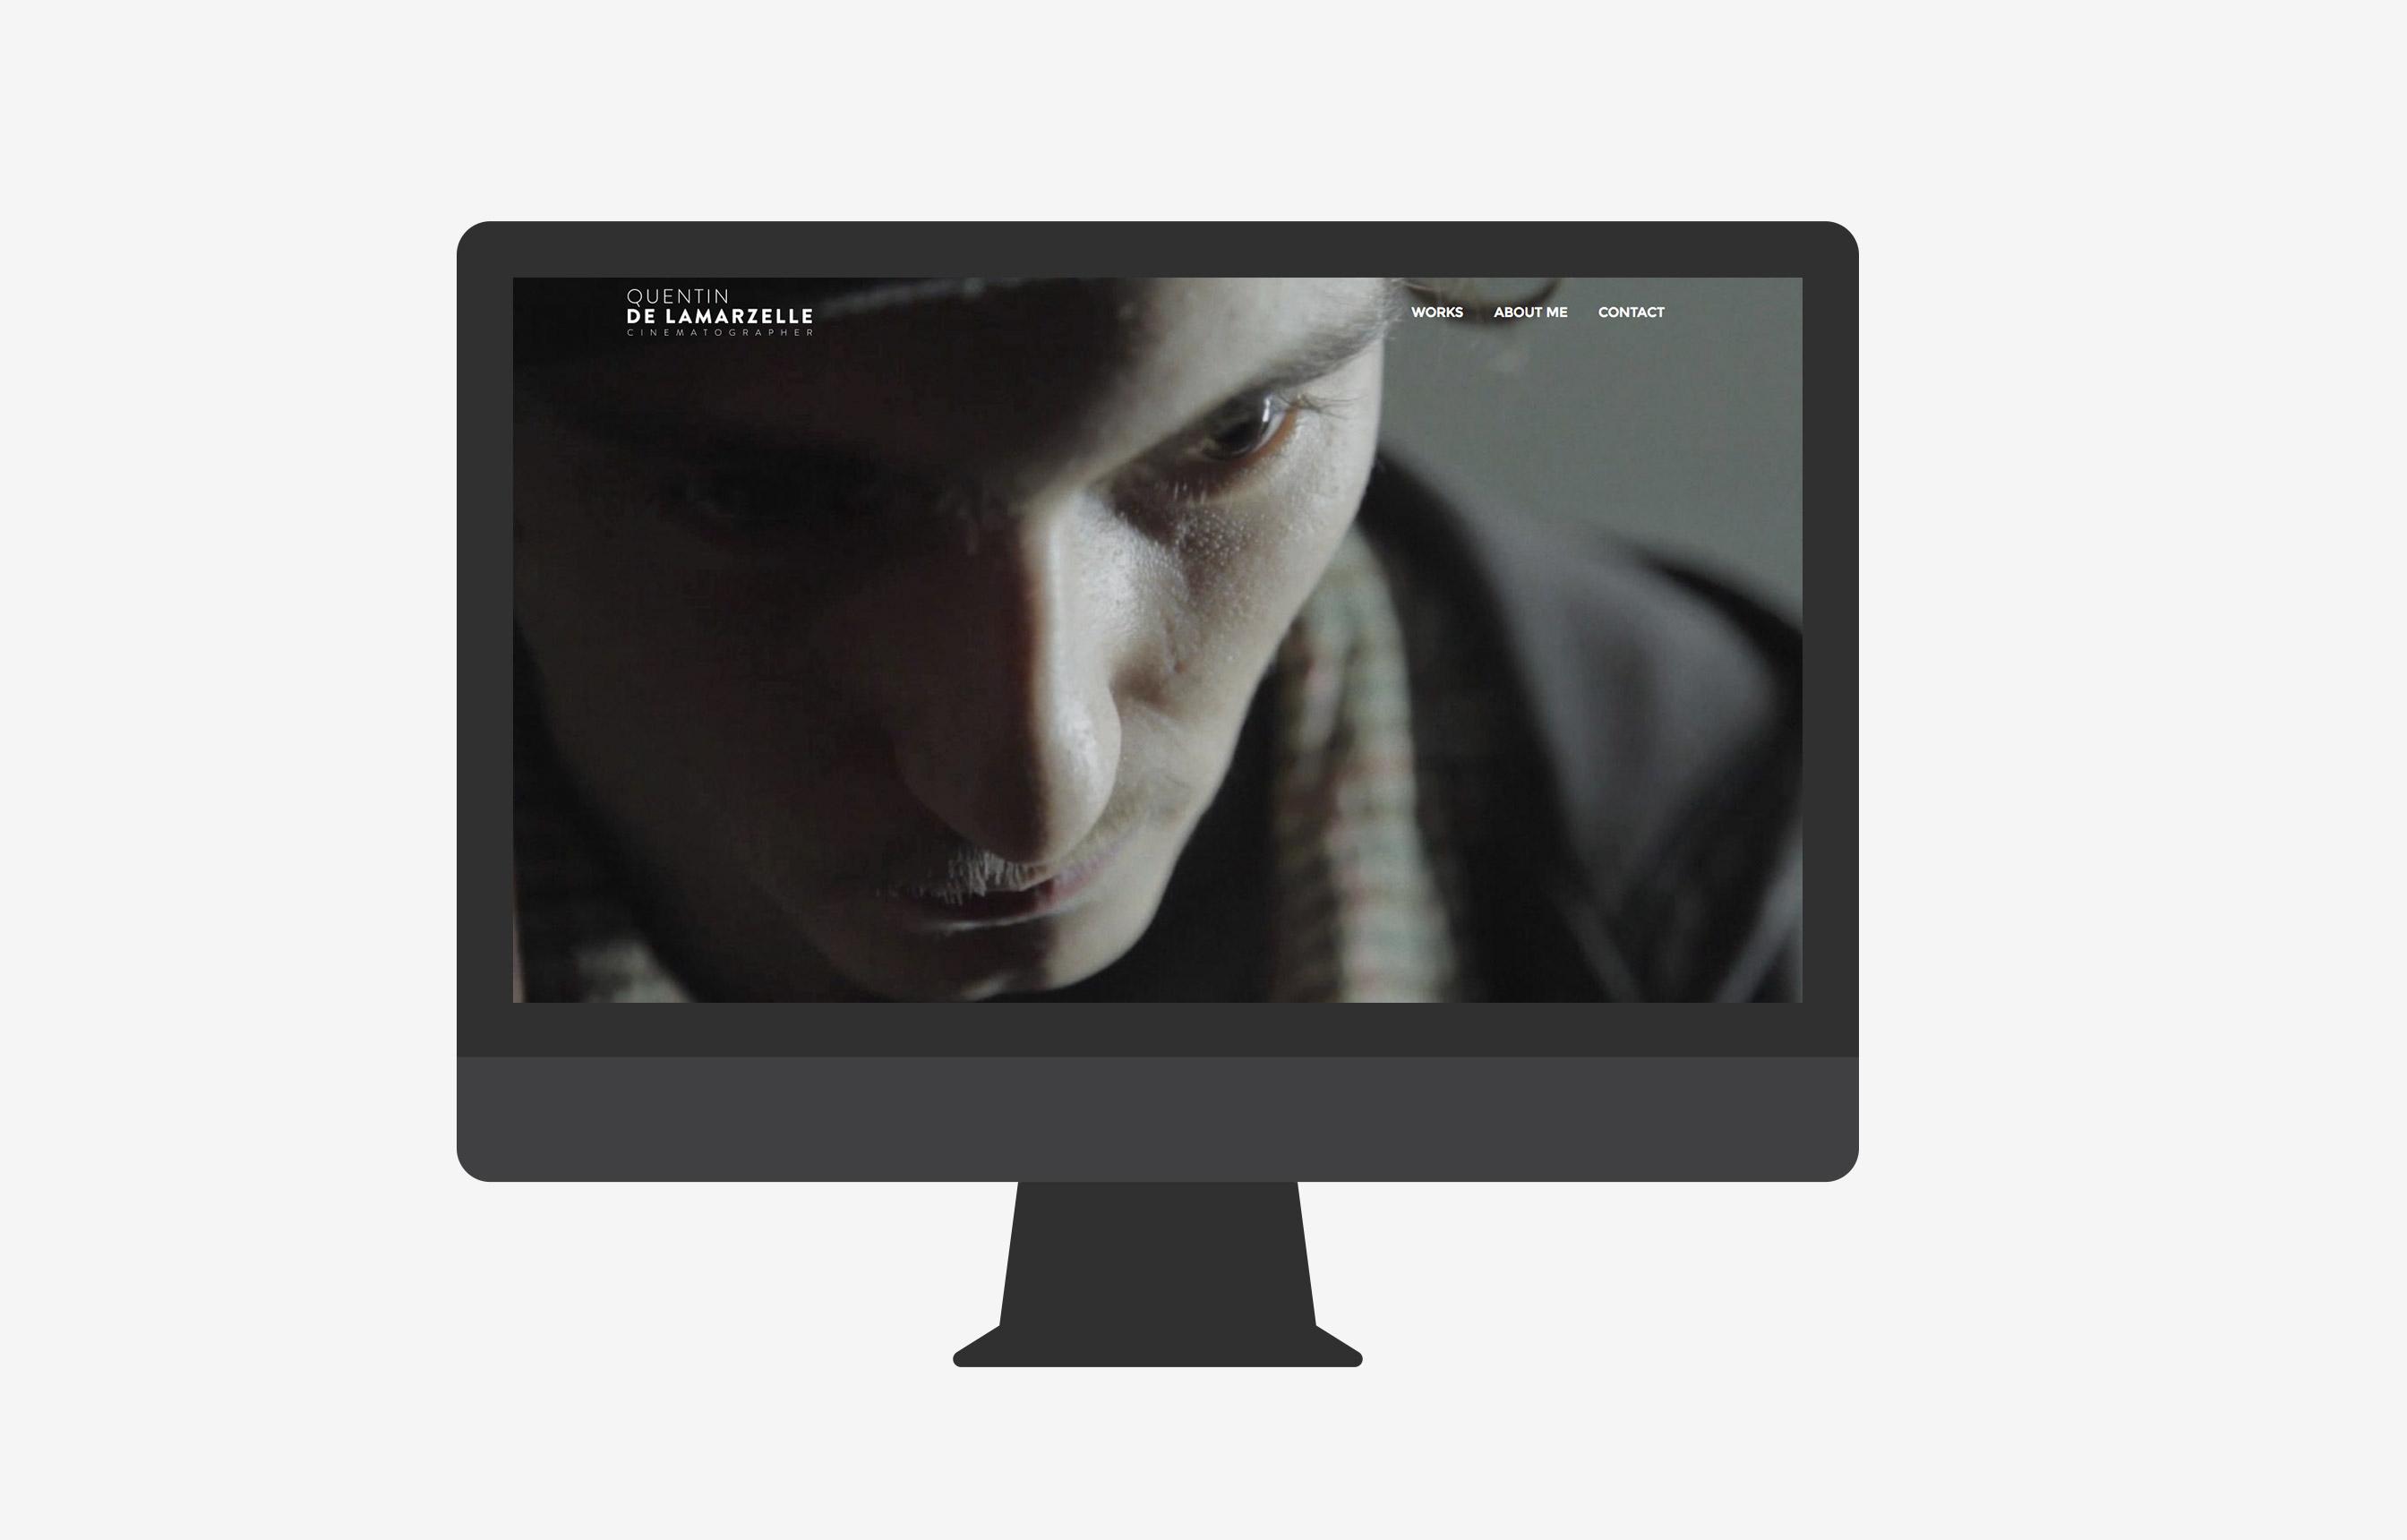 02-quentin-de-lamarzelle-pikteo-webdesign-graphic-design-freelance-paris-bruxelles-londres